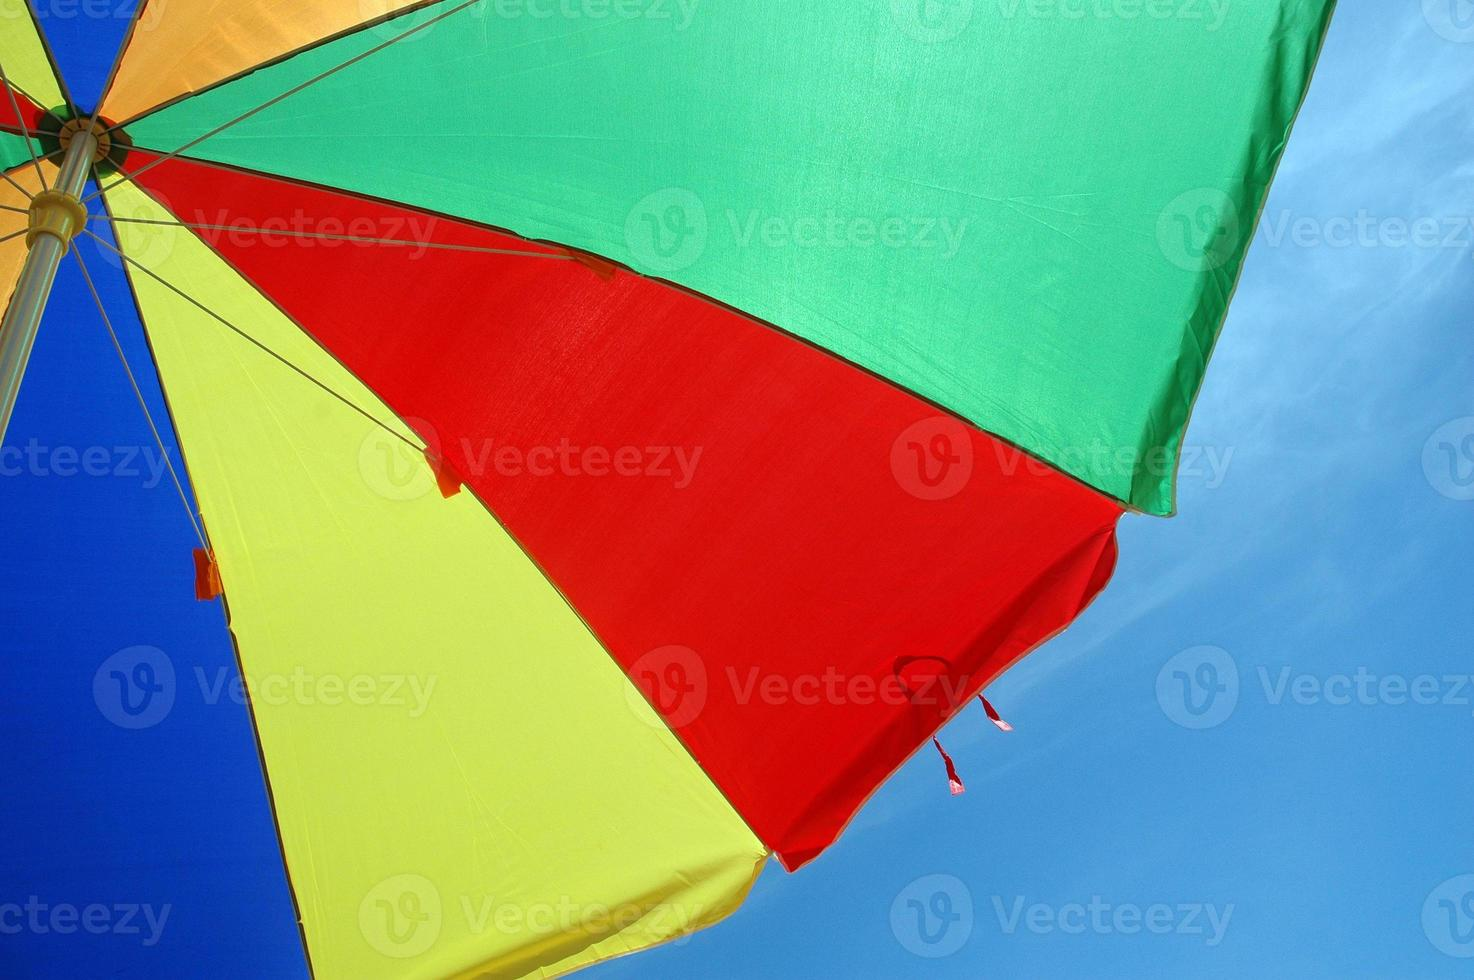 tenda ombrello colorato con sfondo azzurro foto